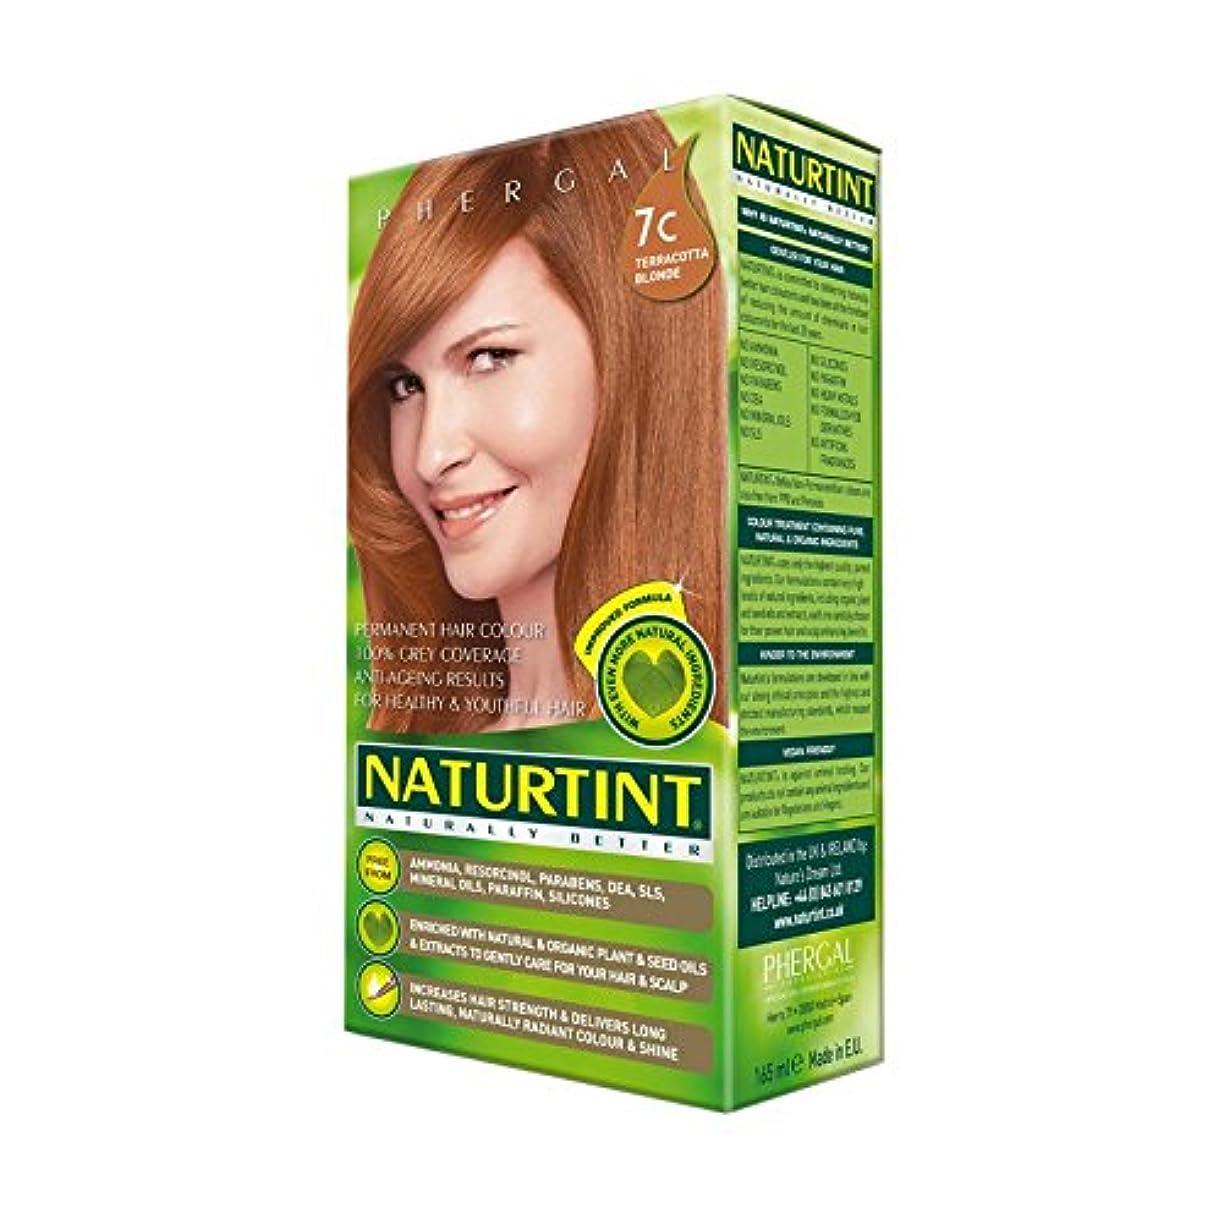 シャツバランスアミューズNaturtint Hair Colour 7C Terracotta Blonde (Pack of 2) - Naturtint髪の色7Cはテラコッタのブロンド (x2) [並行輸入品]